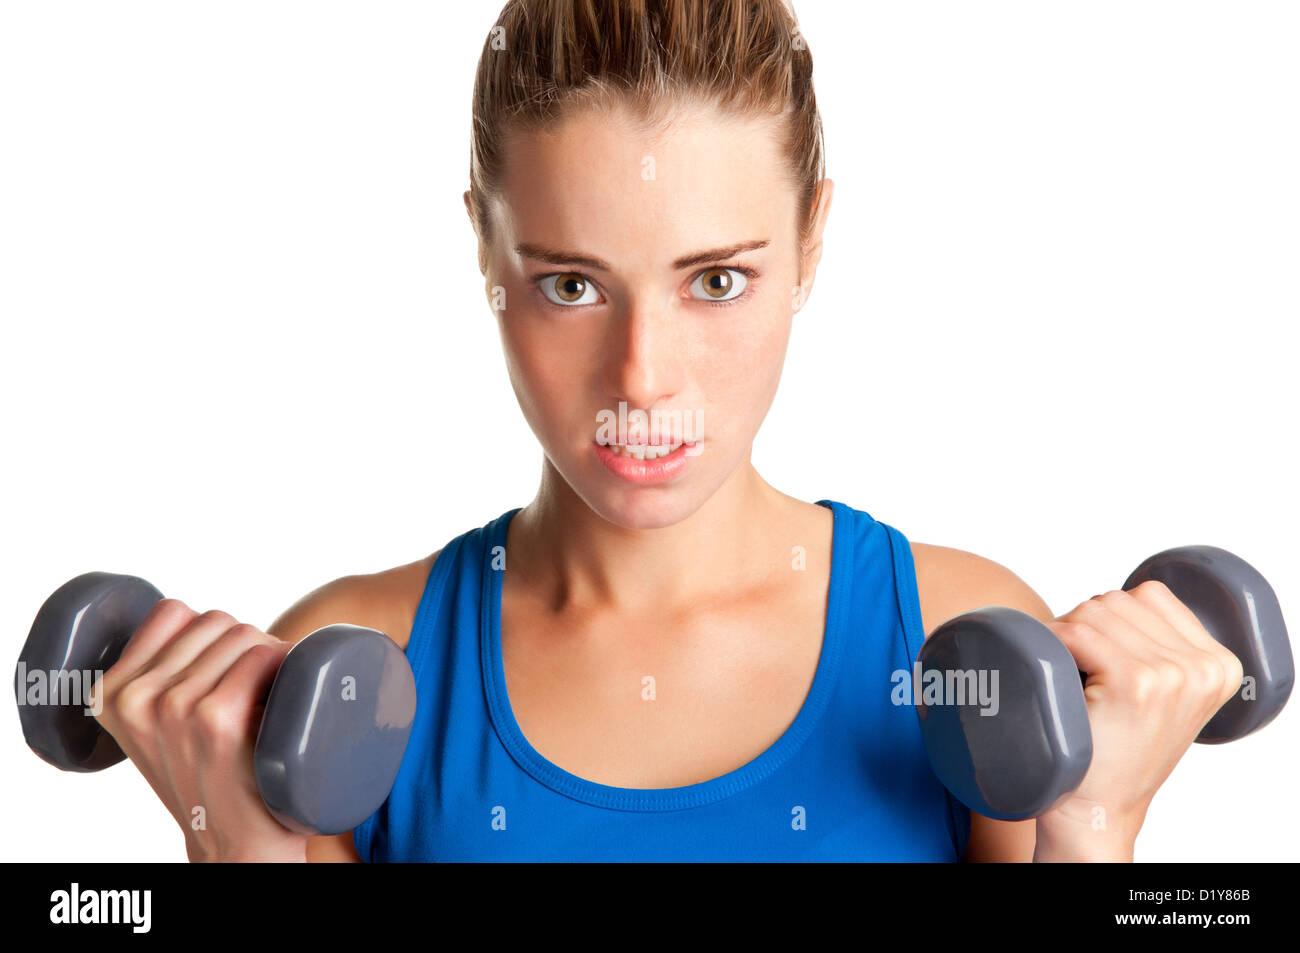 Frau mit Hanteln in einem Fitnessstudio trainieren Stockbild